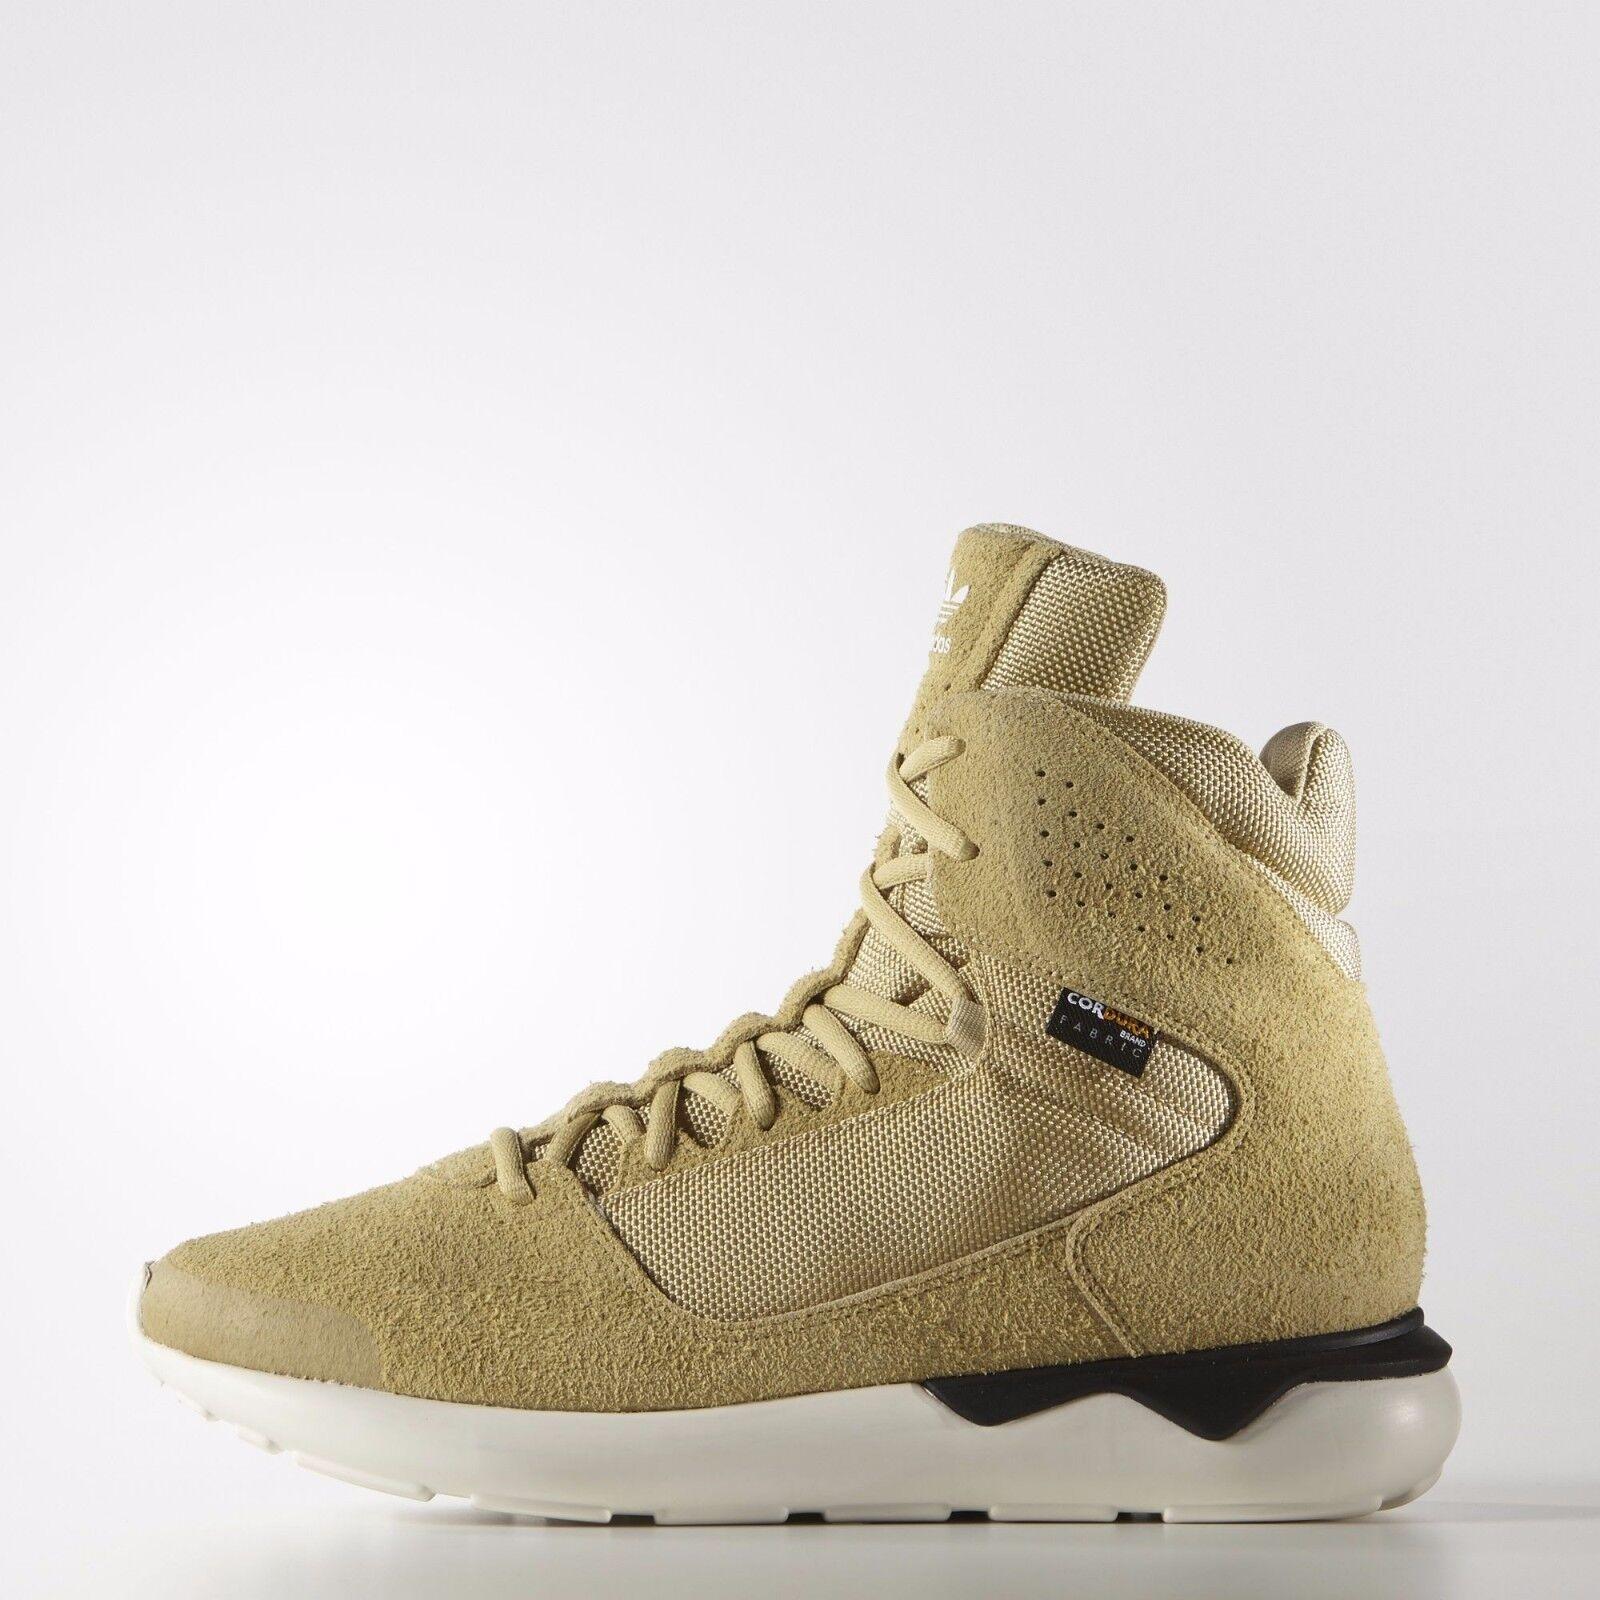 Adidas Originals Tubular Zapatos GSG9 Zapatos Tubular  S82517 e7faa4